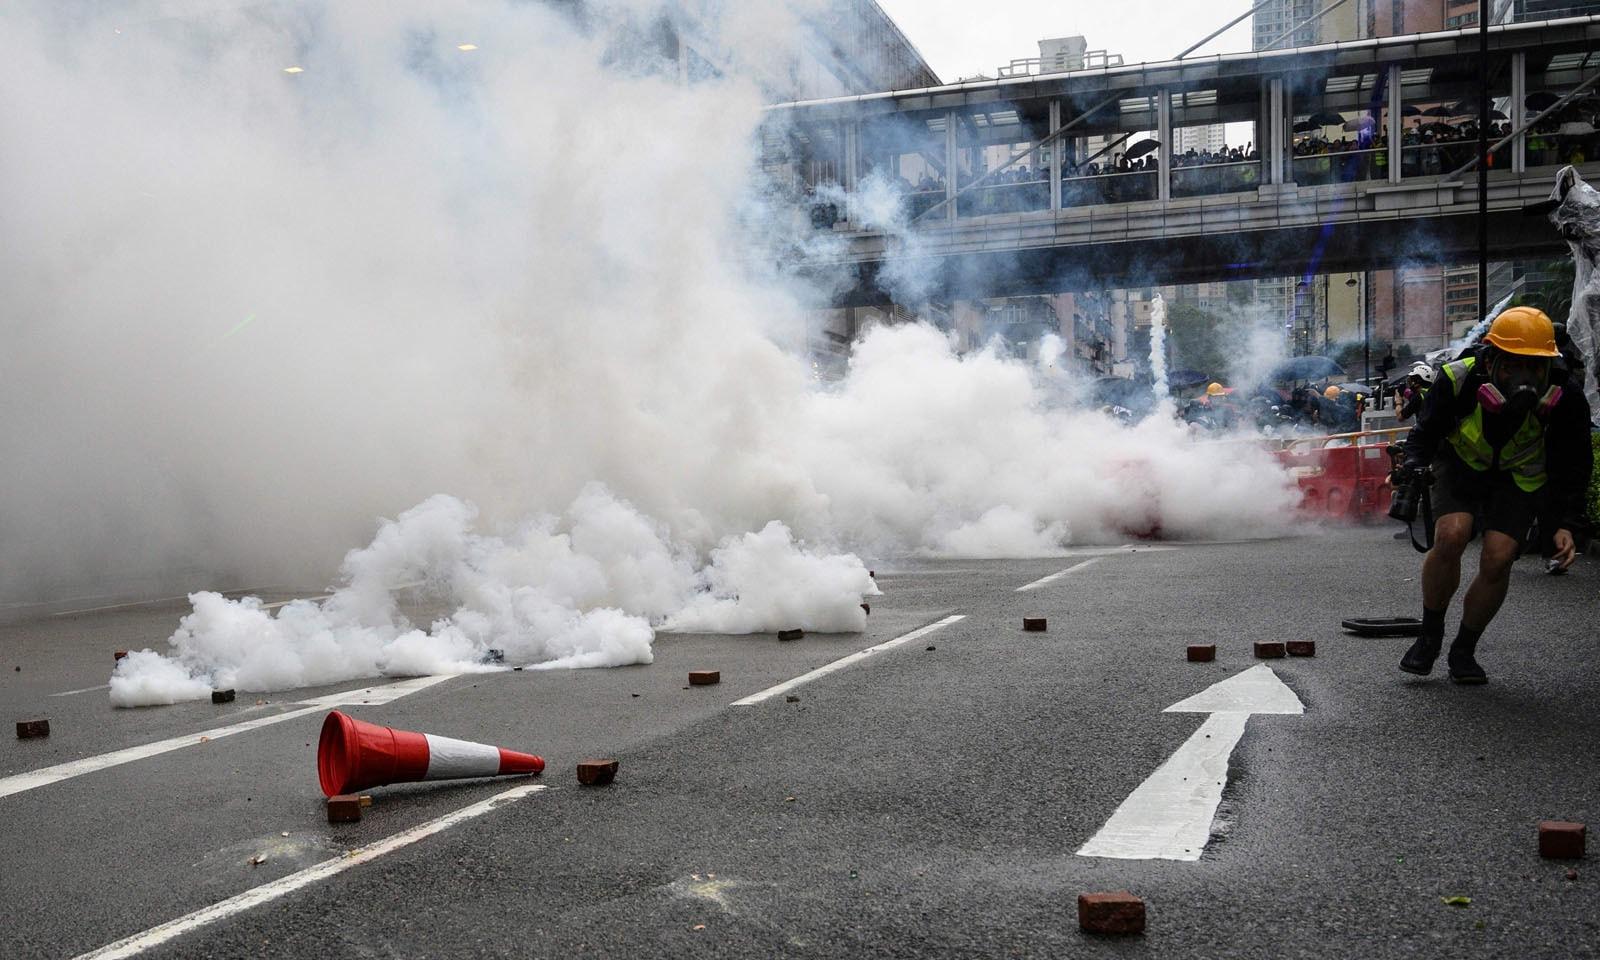 پولیس نے مظاہرین کو منتشر کرنے کے لیے آنسو گیس کا بھی استعمال کیا—فوٹو: اے ایف پی